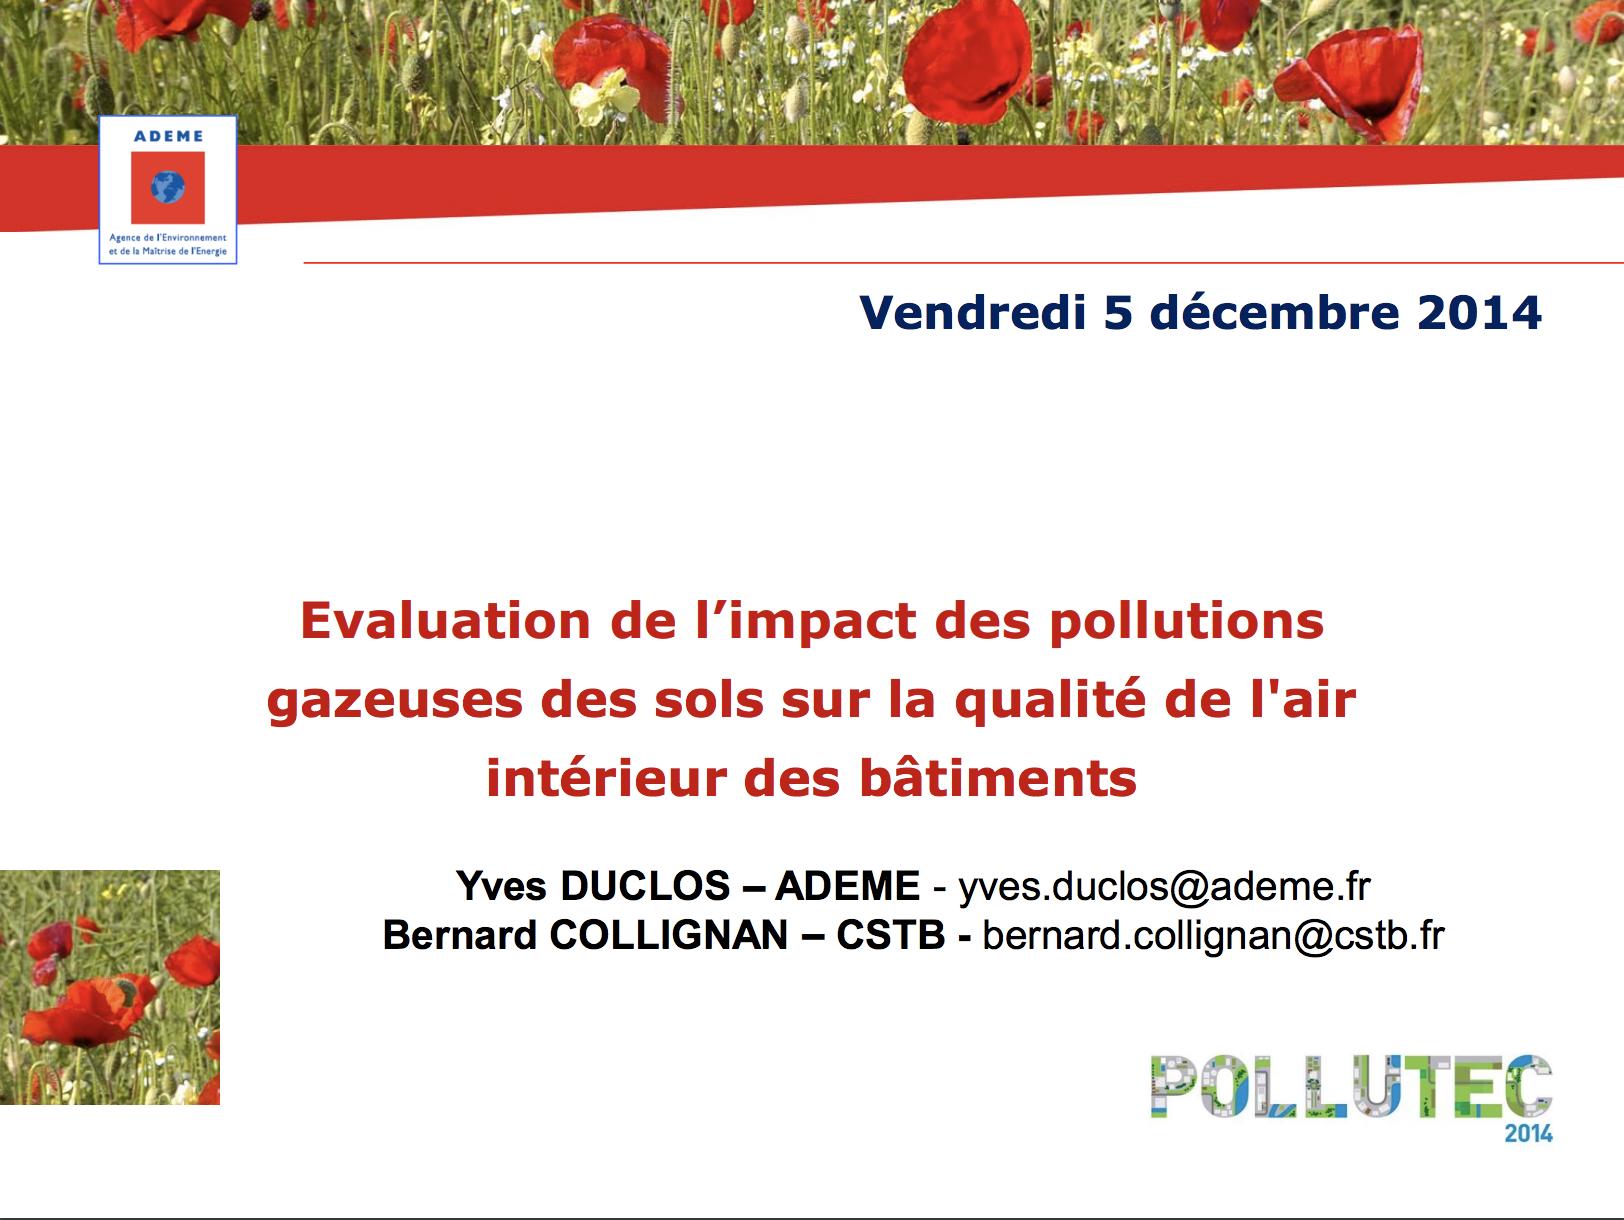 Évaluation de l'impact des pollutions gazeuses des sols sur la qualité de l'air intérieur des bâtiments - ADEME, CSTB - 2014